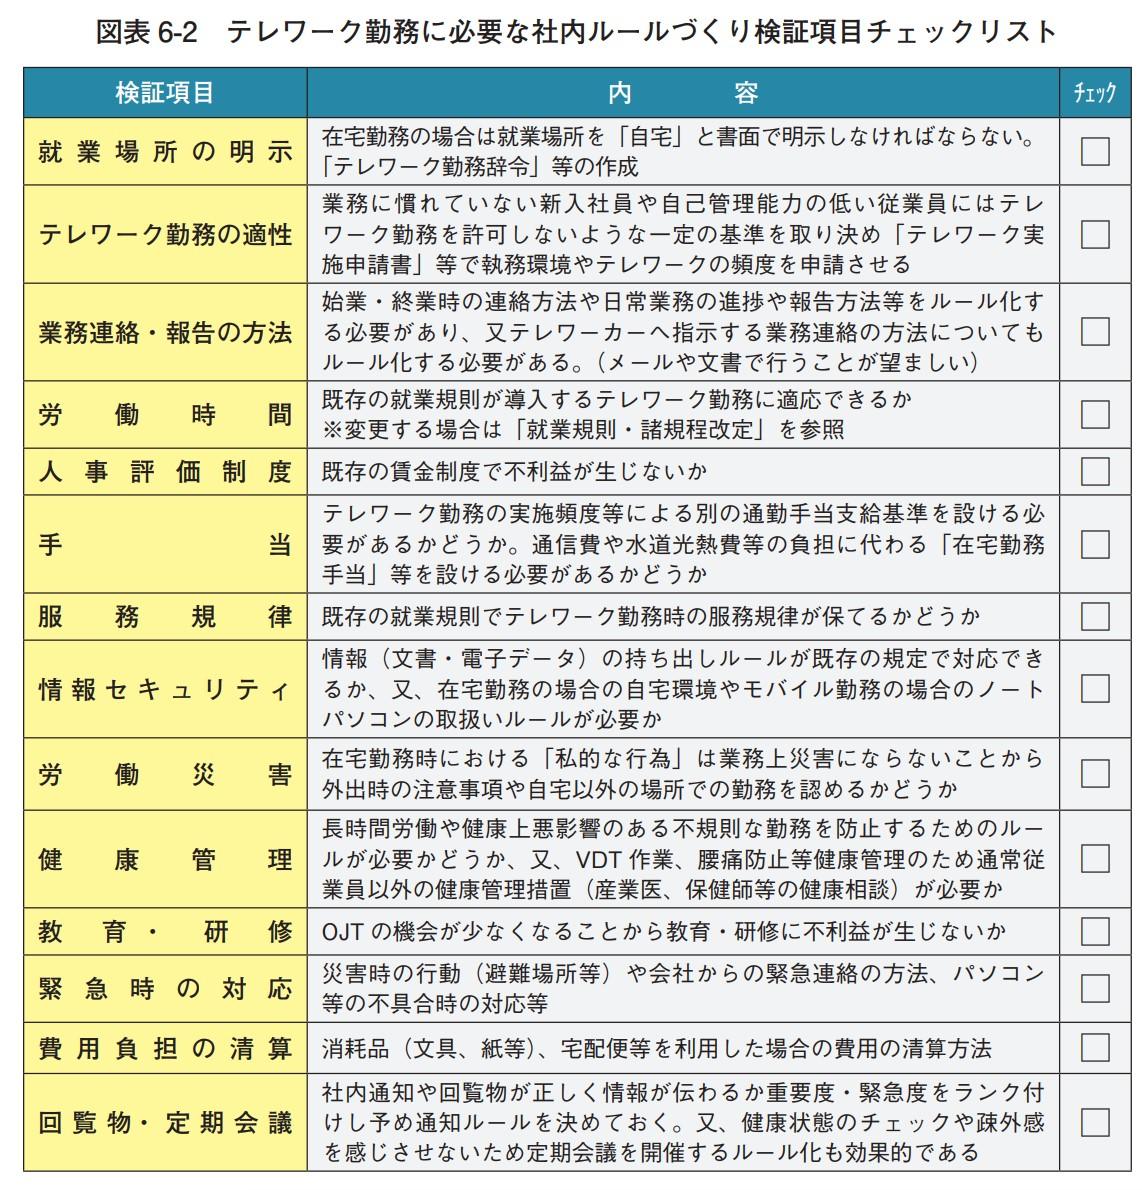 ガイドブック6章 テレワークに関する 社内ルール作り┃ 総務省